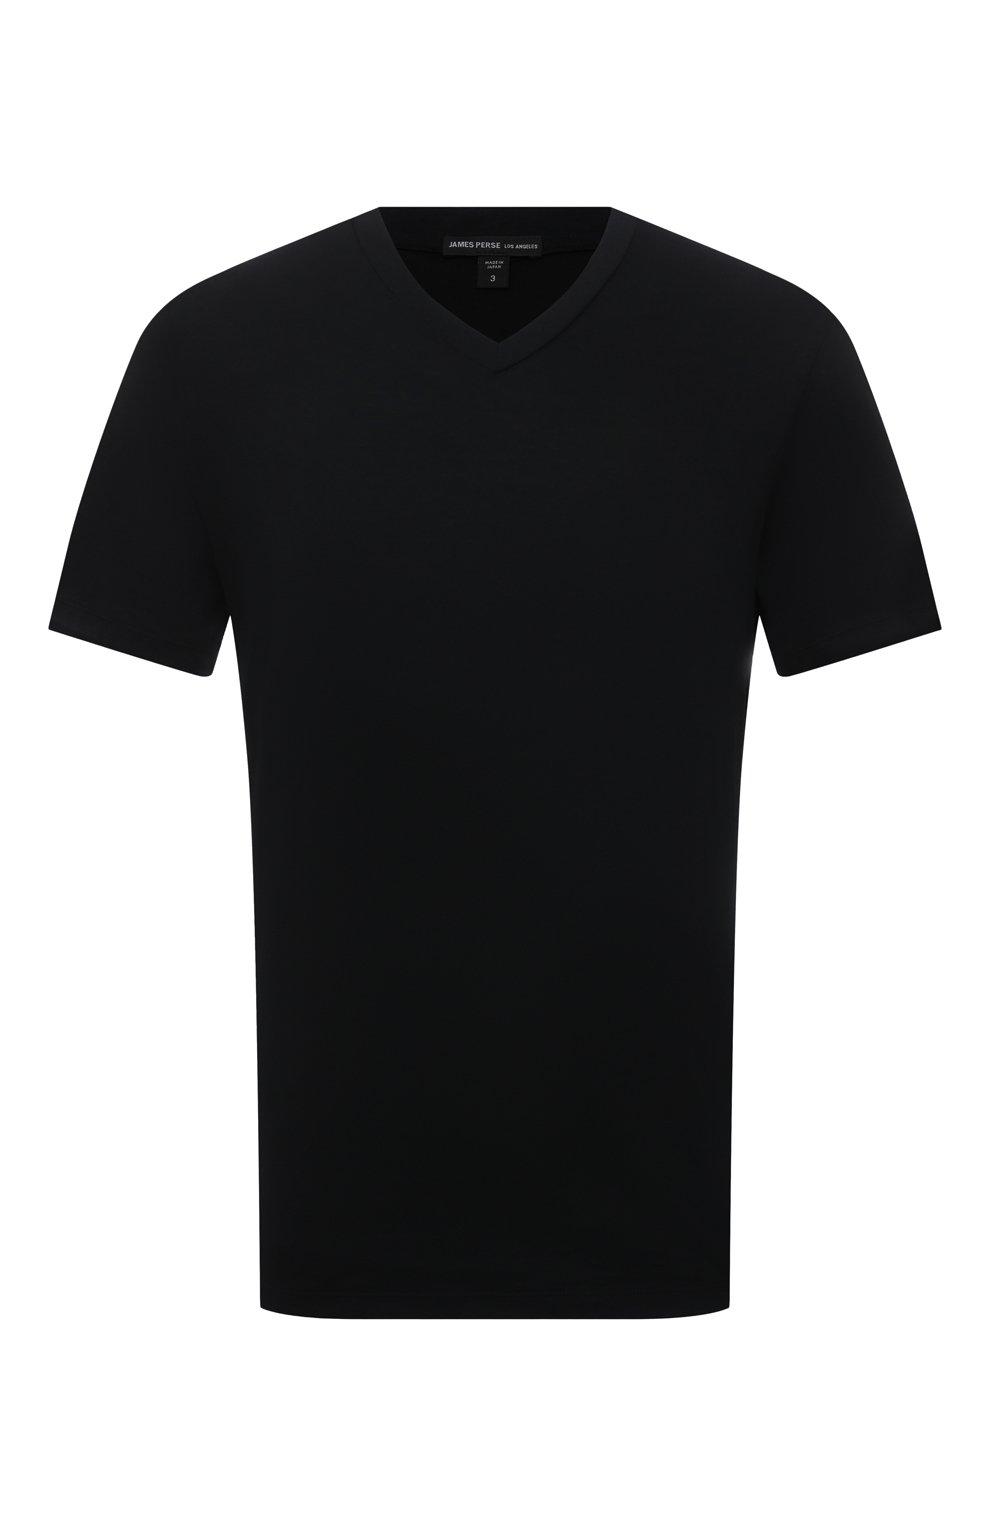 Мужская хлопковая футболка JAMES PERSE черного цвета, арт. MELJ3248 | Фото 1 (Принт: Без принта; Рукава: Короткие; Длина (для топов): Стандартные; Материал внешний: Хлопок; Стили: Кэжуэл)